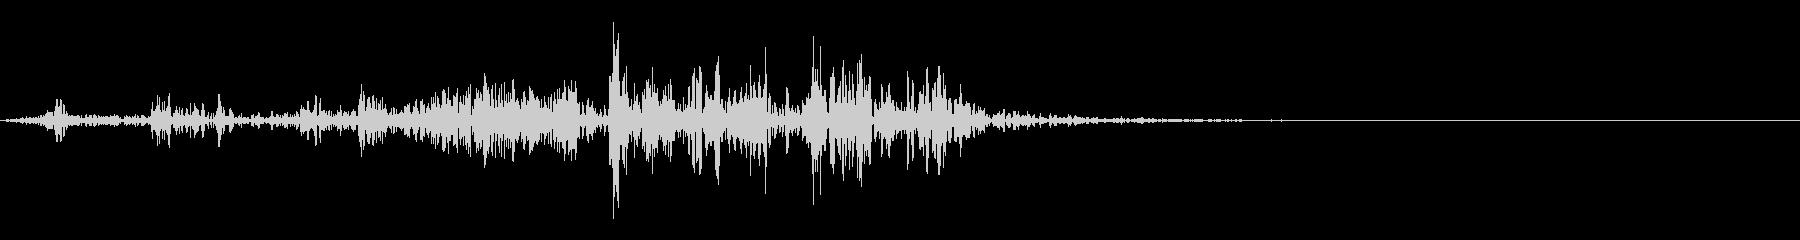 【生録音】本のページをめくる音 4の未再生の波形